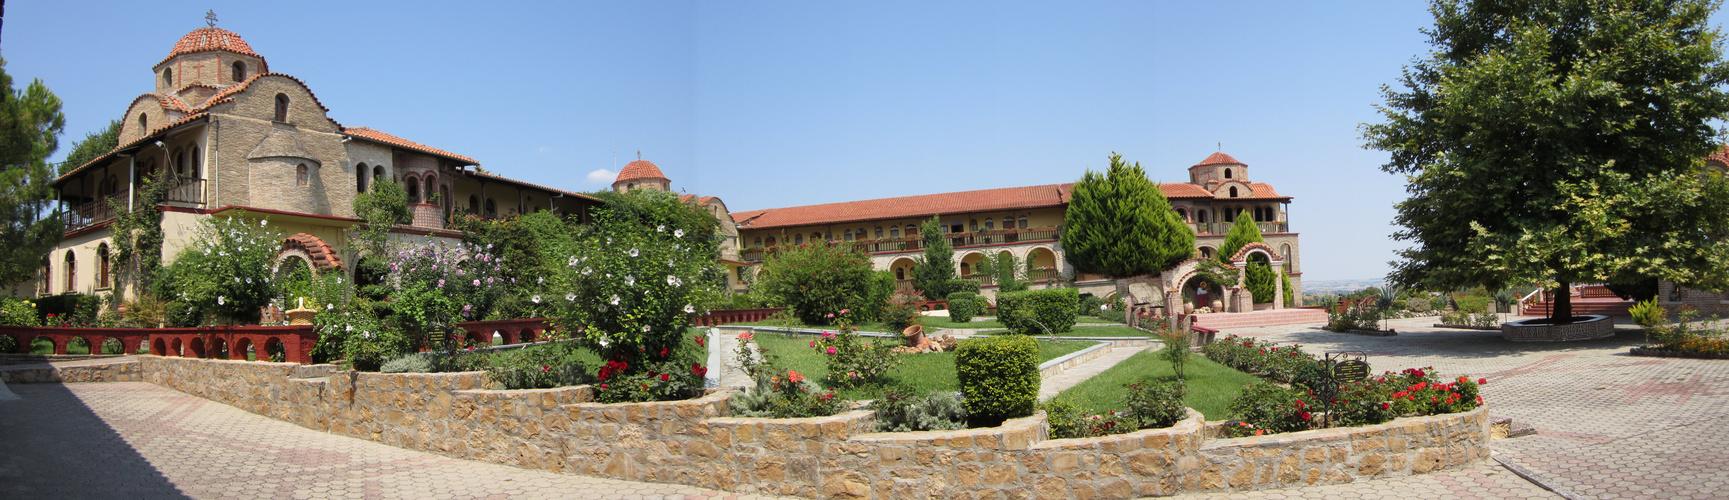 Nonnenkloster